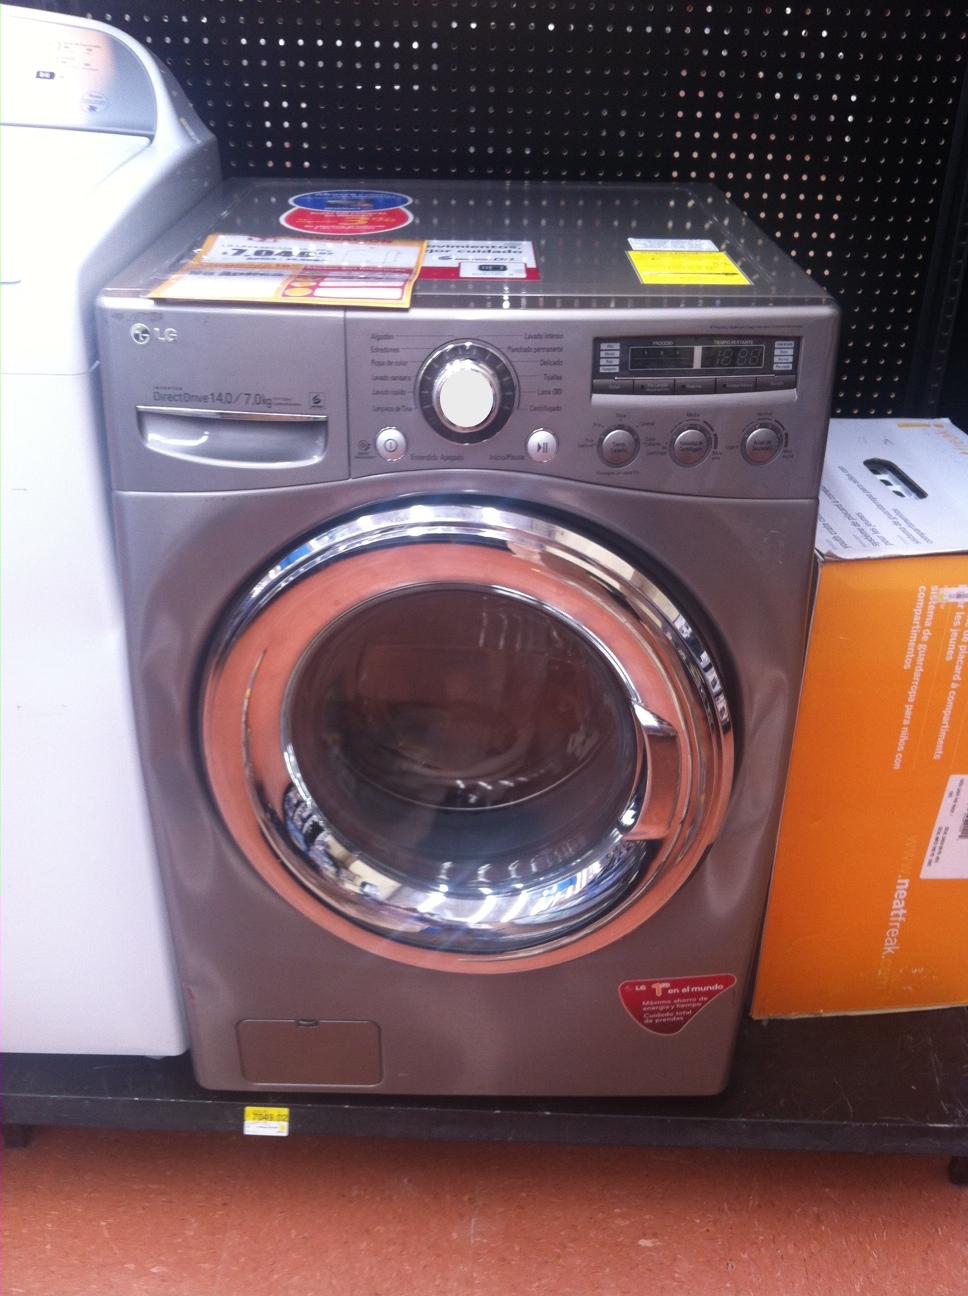 Walmart: Lavasecadora LG en liquidación de $14,490 a $7,049.02